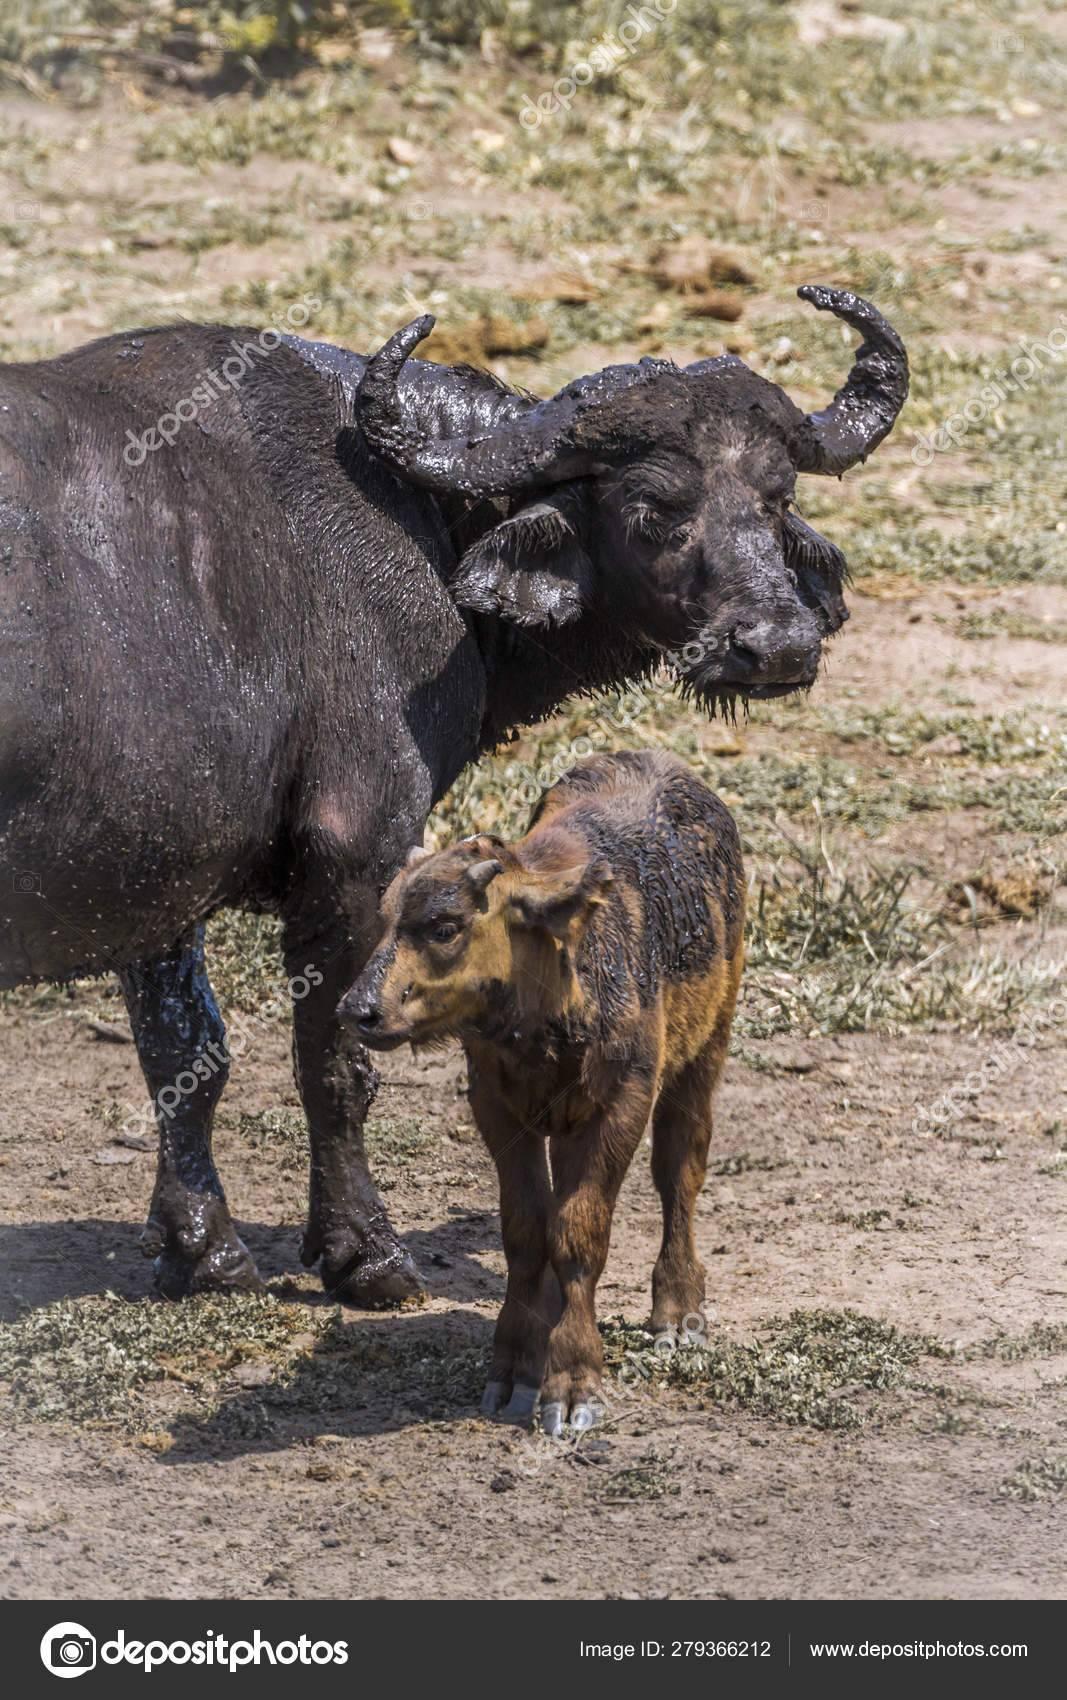 Африканский буйвол: вес, особенности, где живут и обитают